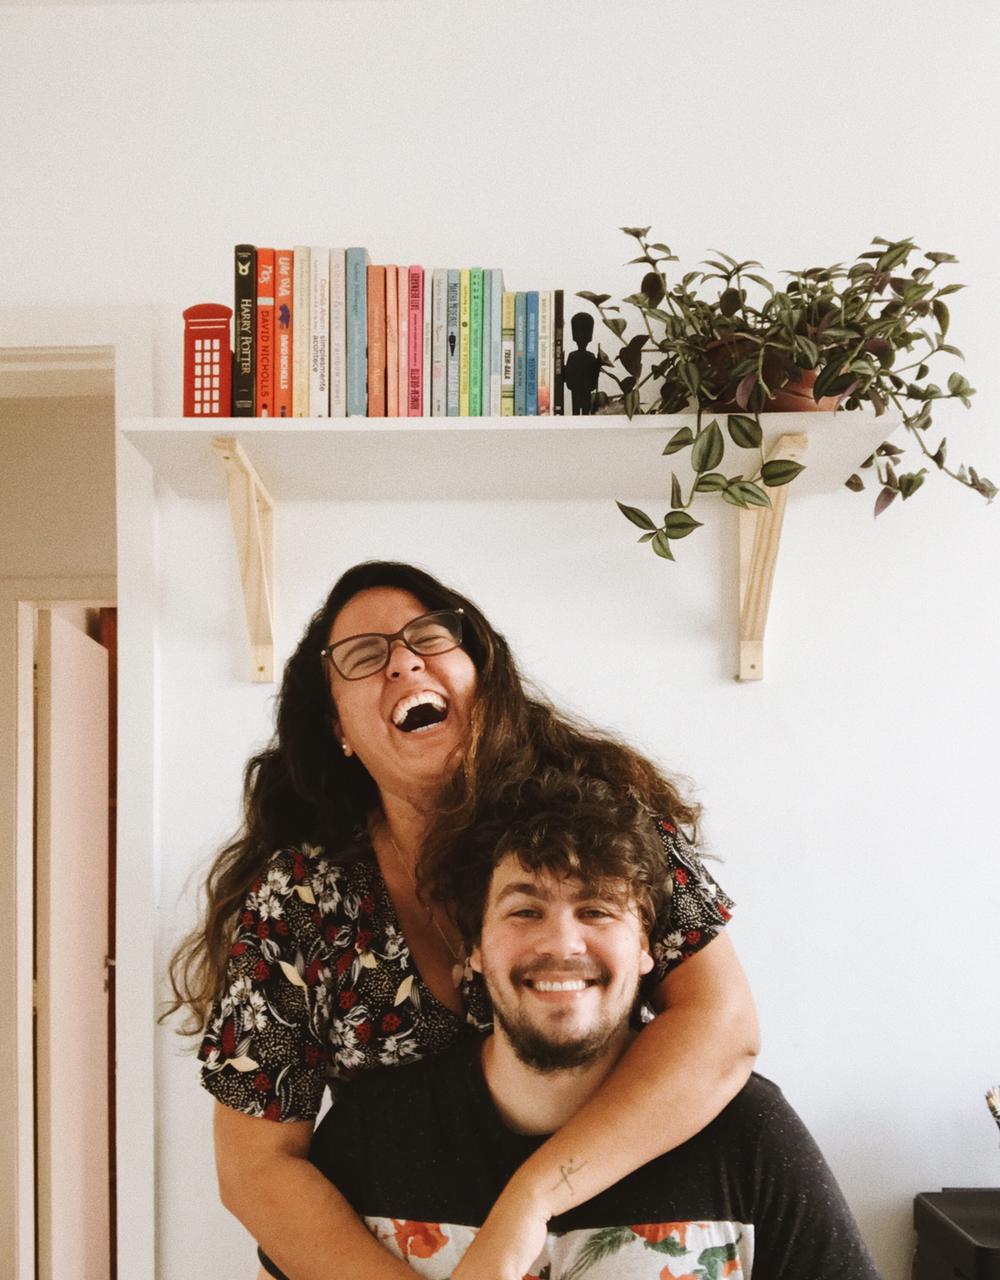 casal rindo em frente a uma prateleira de livros